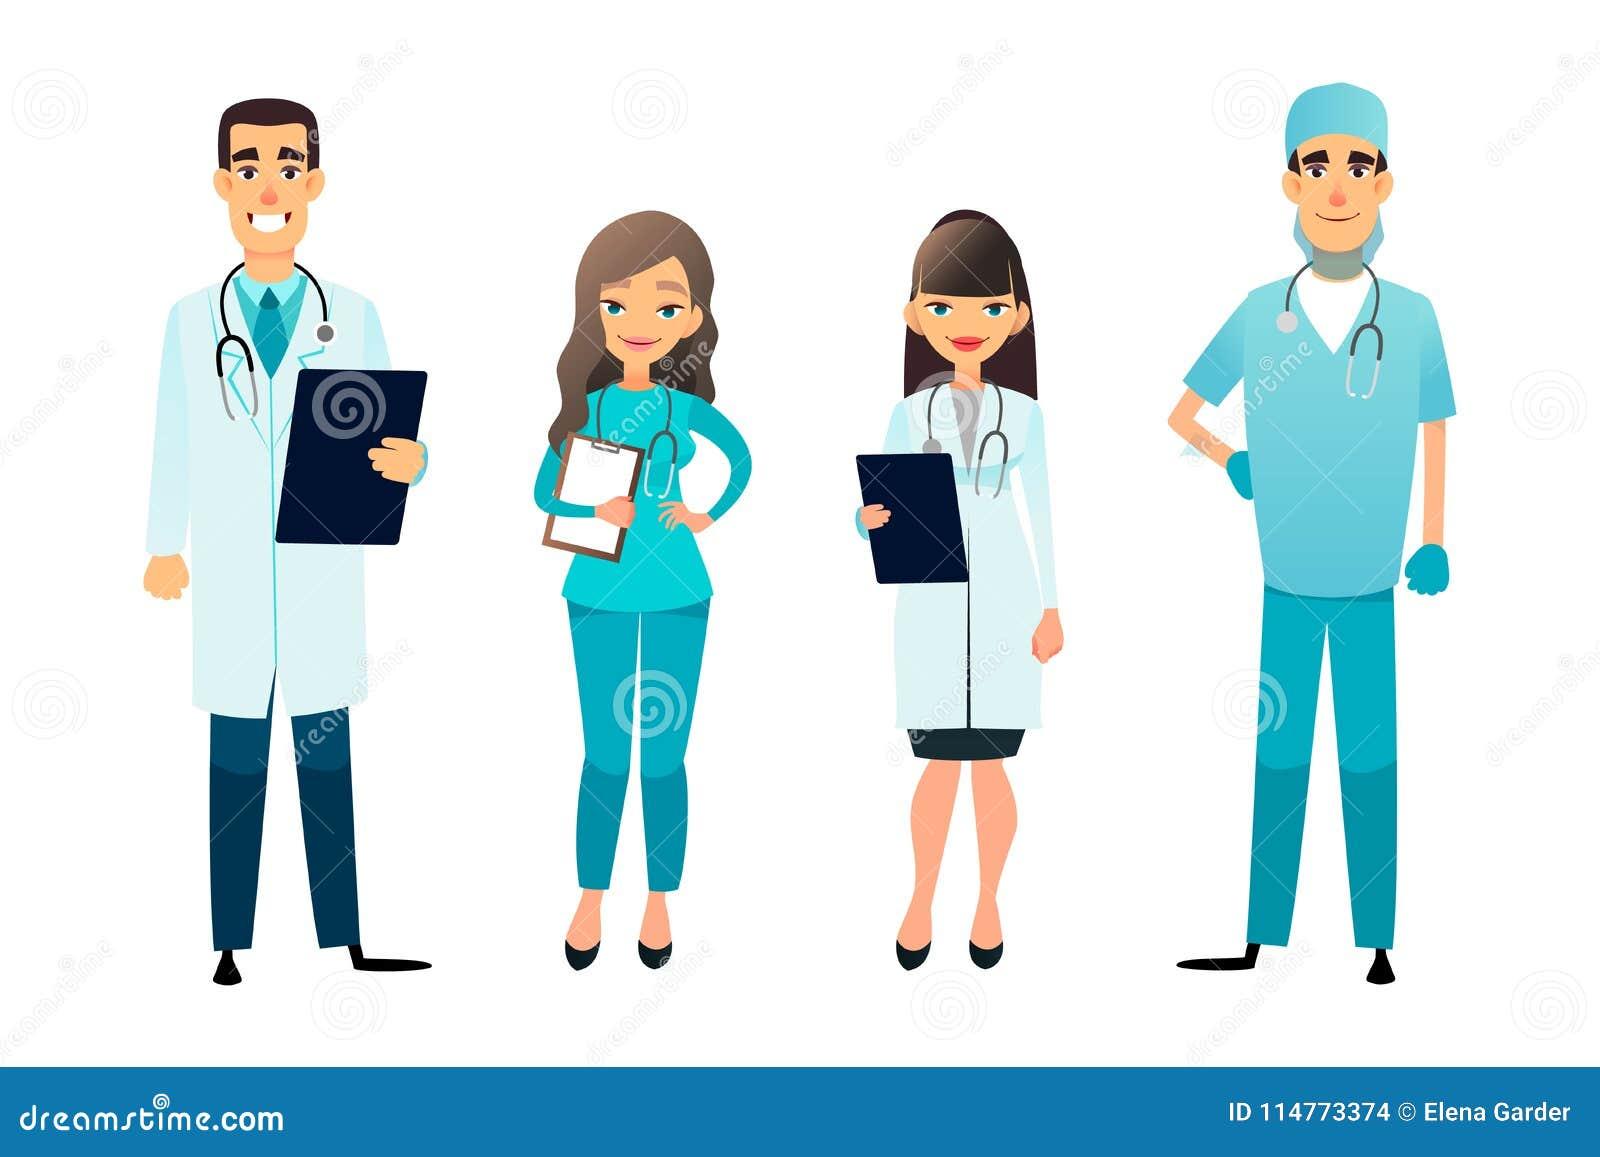 Ομάδα γιατρών και νοσοκόμων Ιατρικό προσωπικό κινούμενων σχεδίων Έννοια ιατρικής ομάδας Χειρούργος, νοσοκόμα και θεράπων στο νοσο